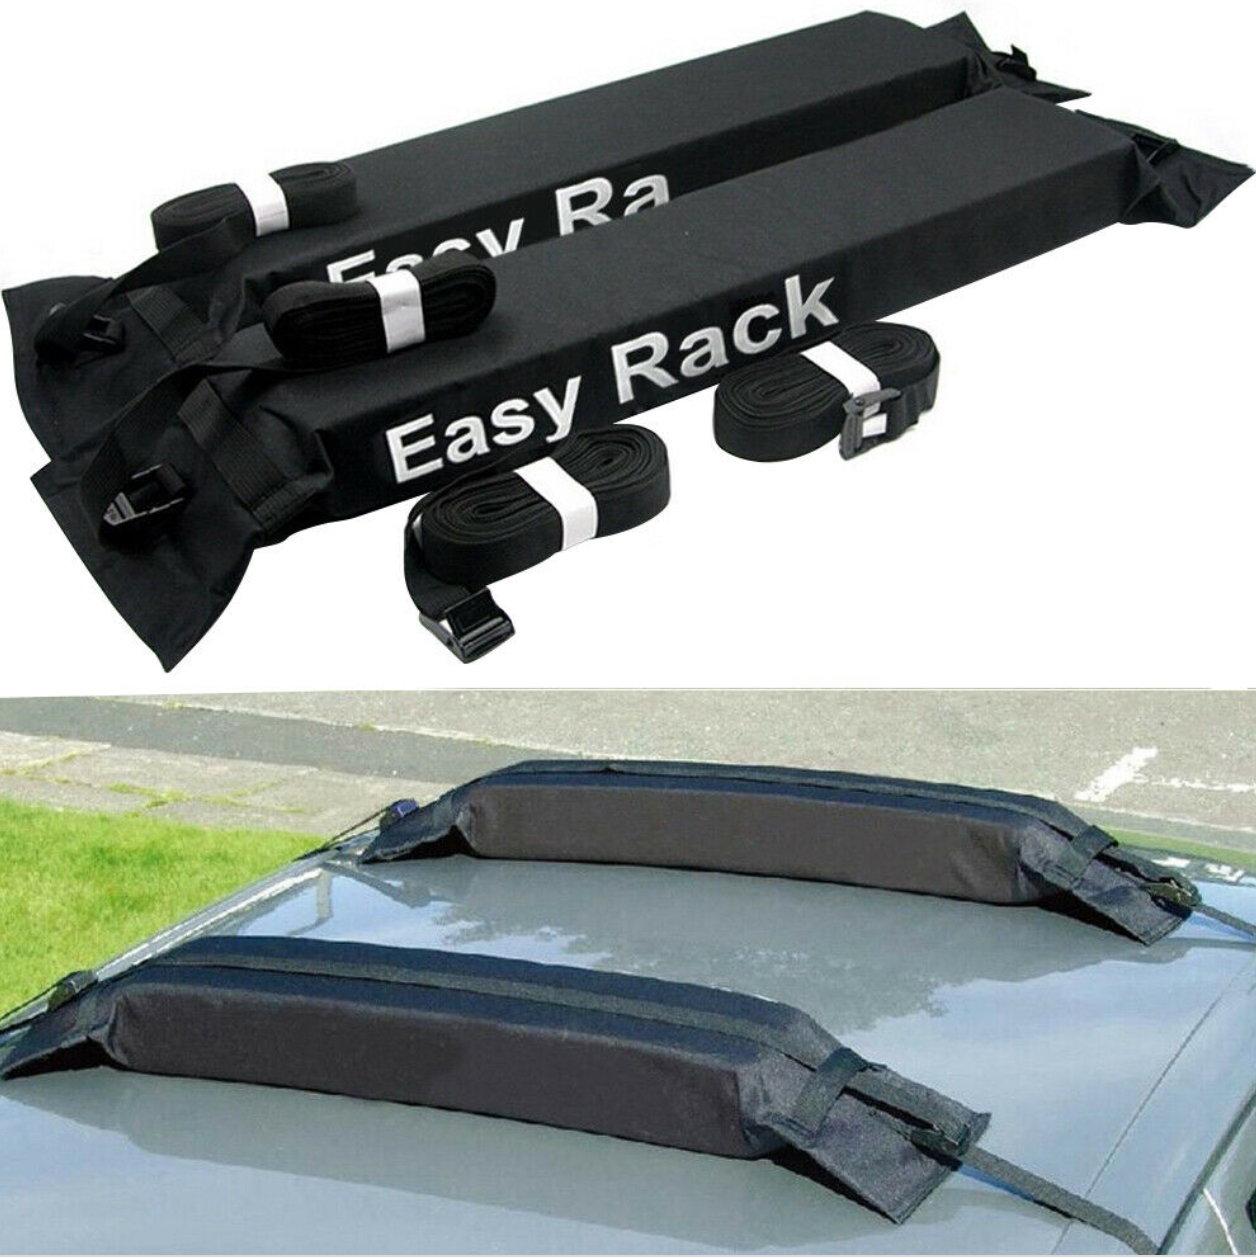 Sc430 Roof Rack Page 2 Clublexus Lexus Forum Discussion